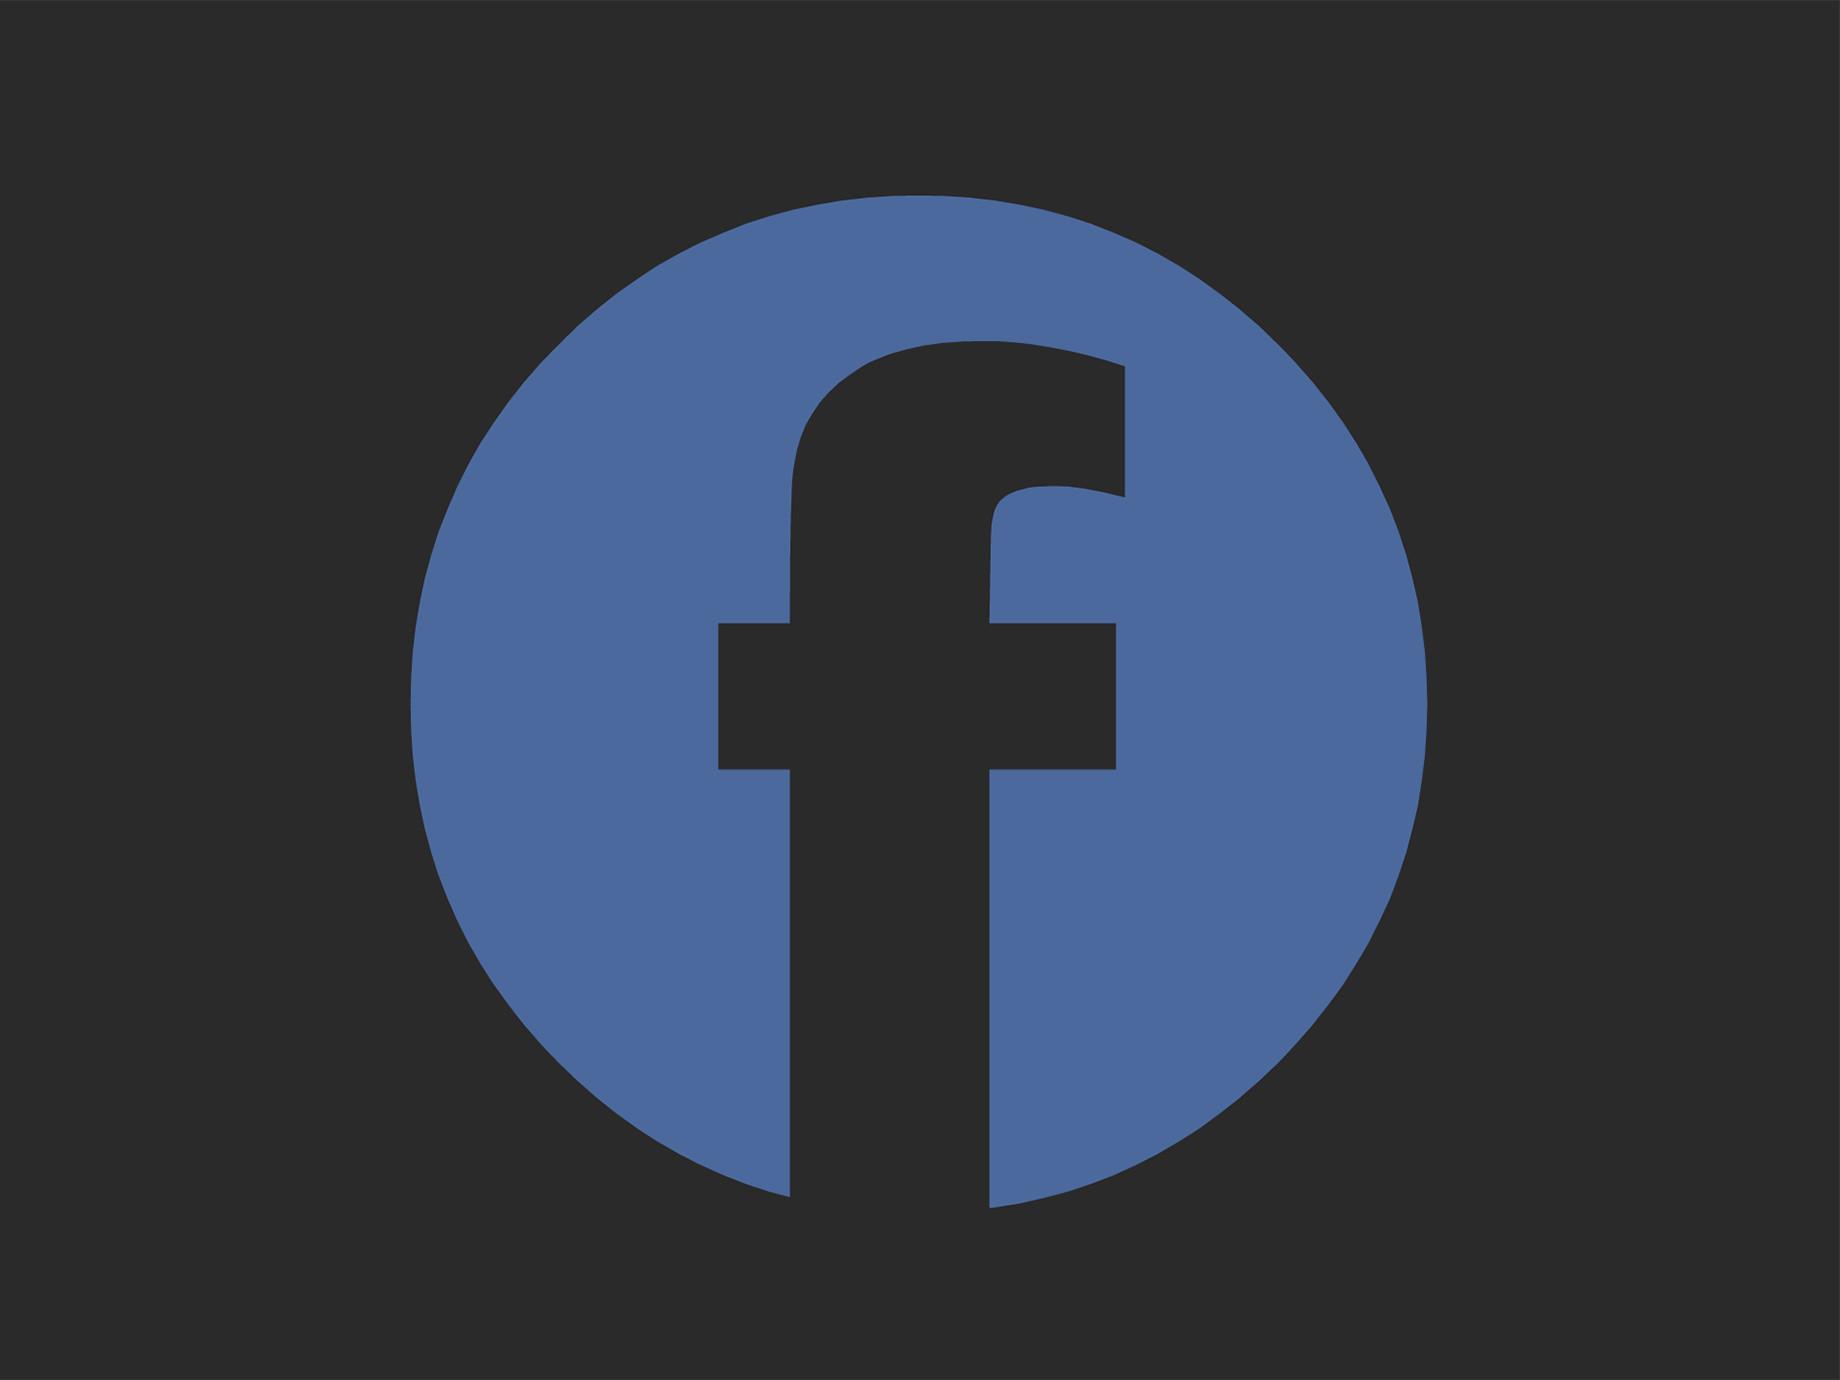 臉書再改演算法,減少動態消息中的「不良連結」